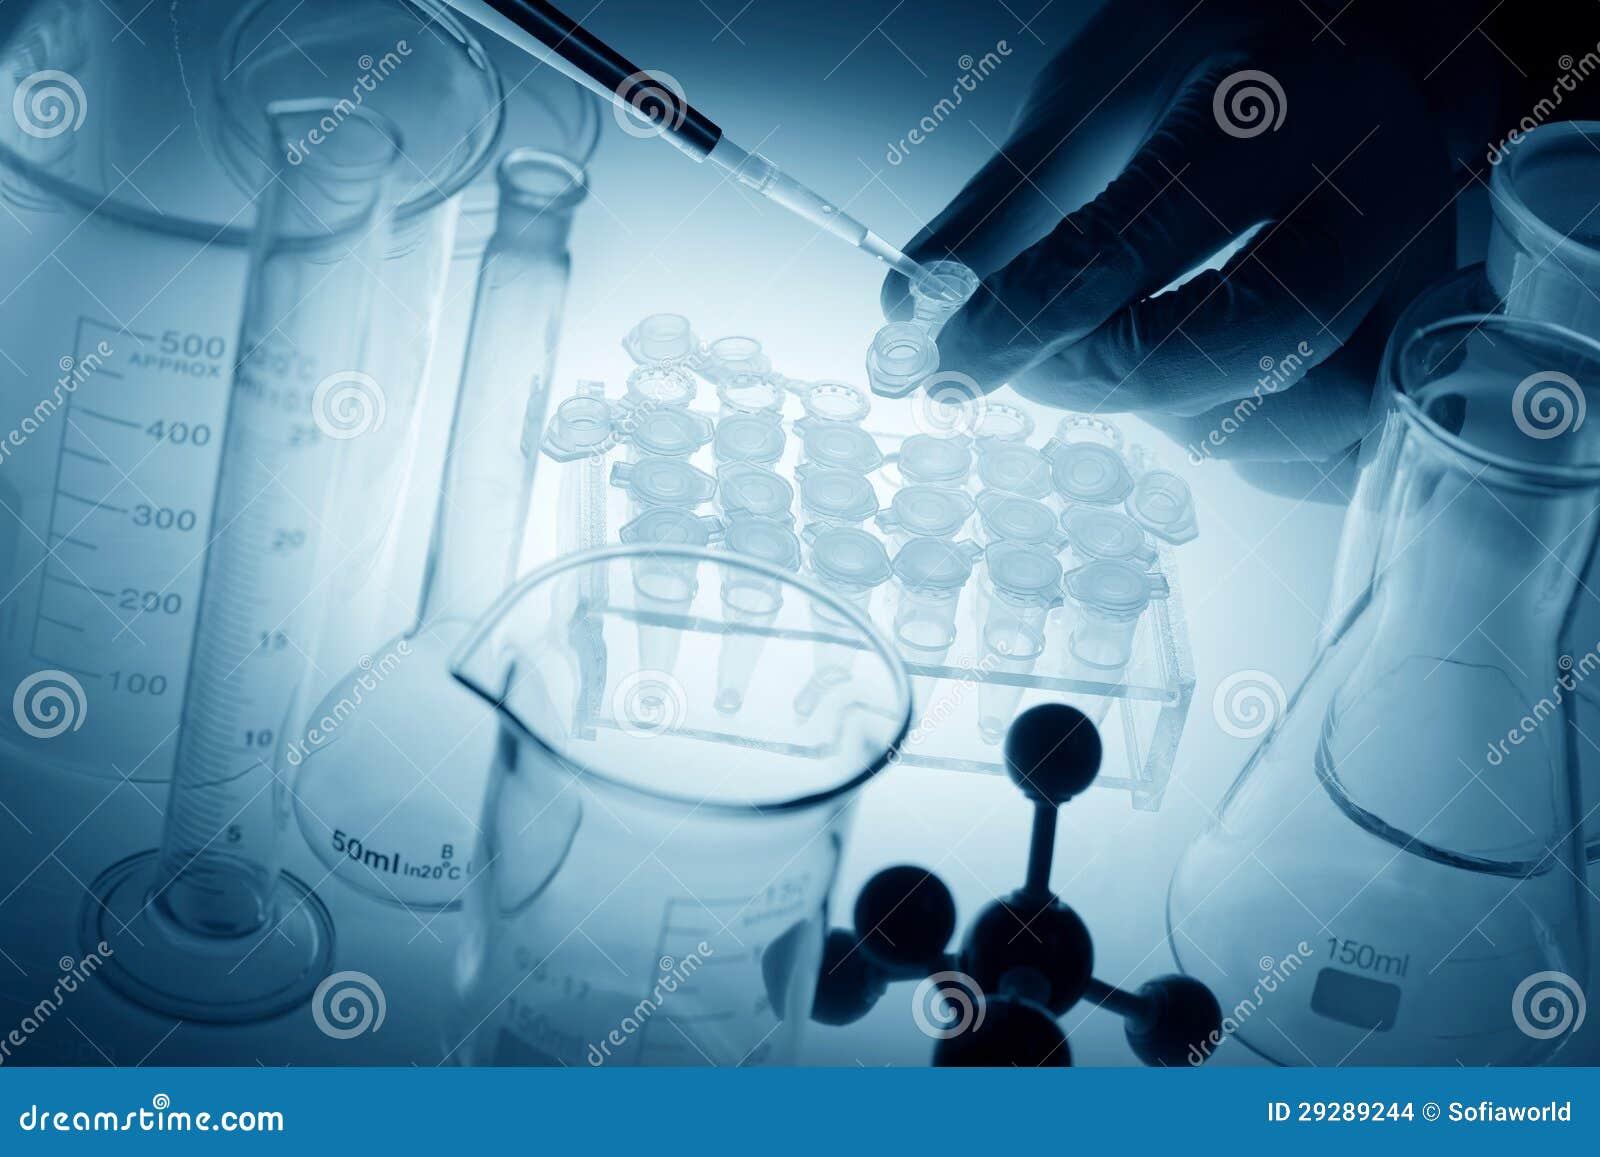 Wissenschaft und medizinische Forschung